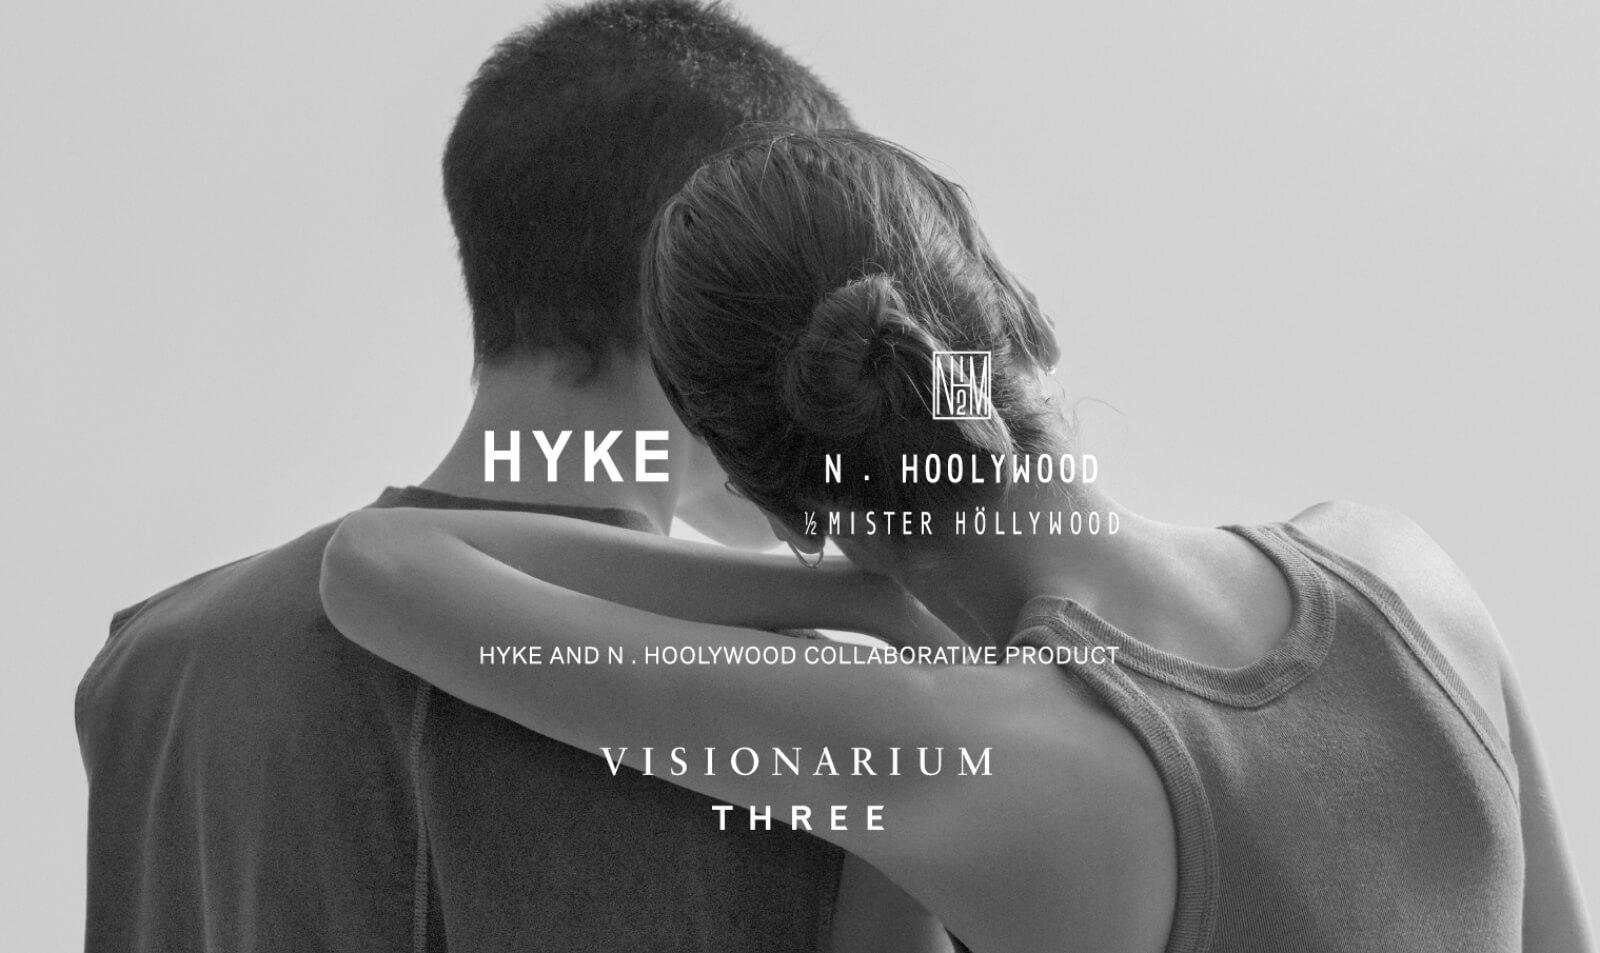 THREE × HYKE × N.HOOLYWOOD